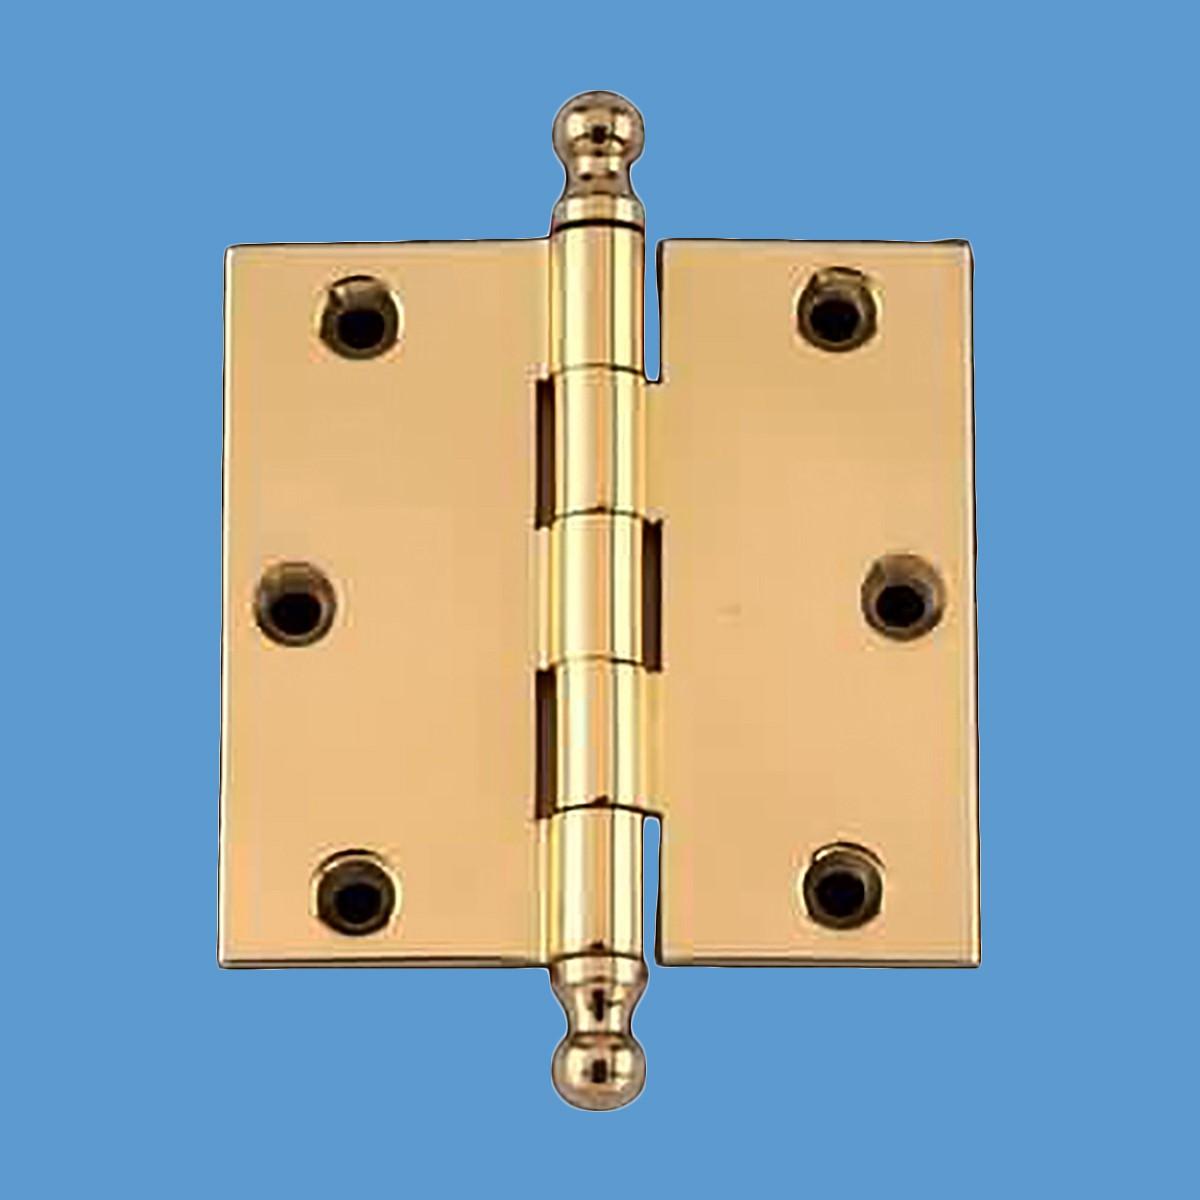 u003cPREu003eDoor Cabinet Hinge 3inch x 3  Square Solid Brass Ball Tip ...  sc 1 st  Renovatoru0027s Supply & Door Cabinet Hinge 3